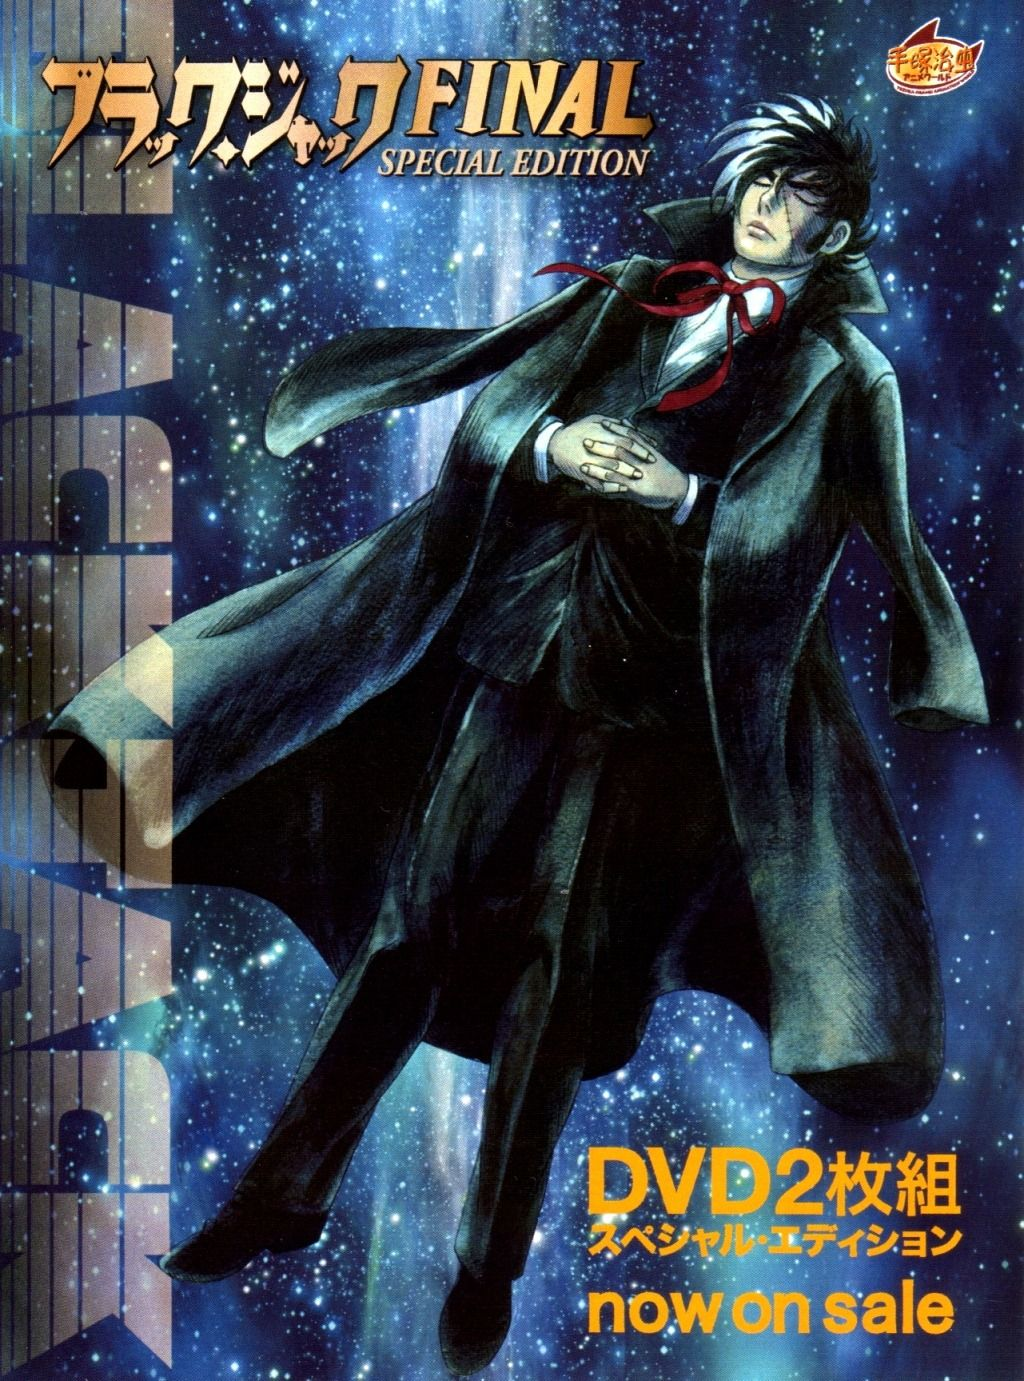 Black Jack Final DVD (With images) Black jack anime